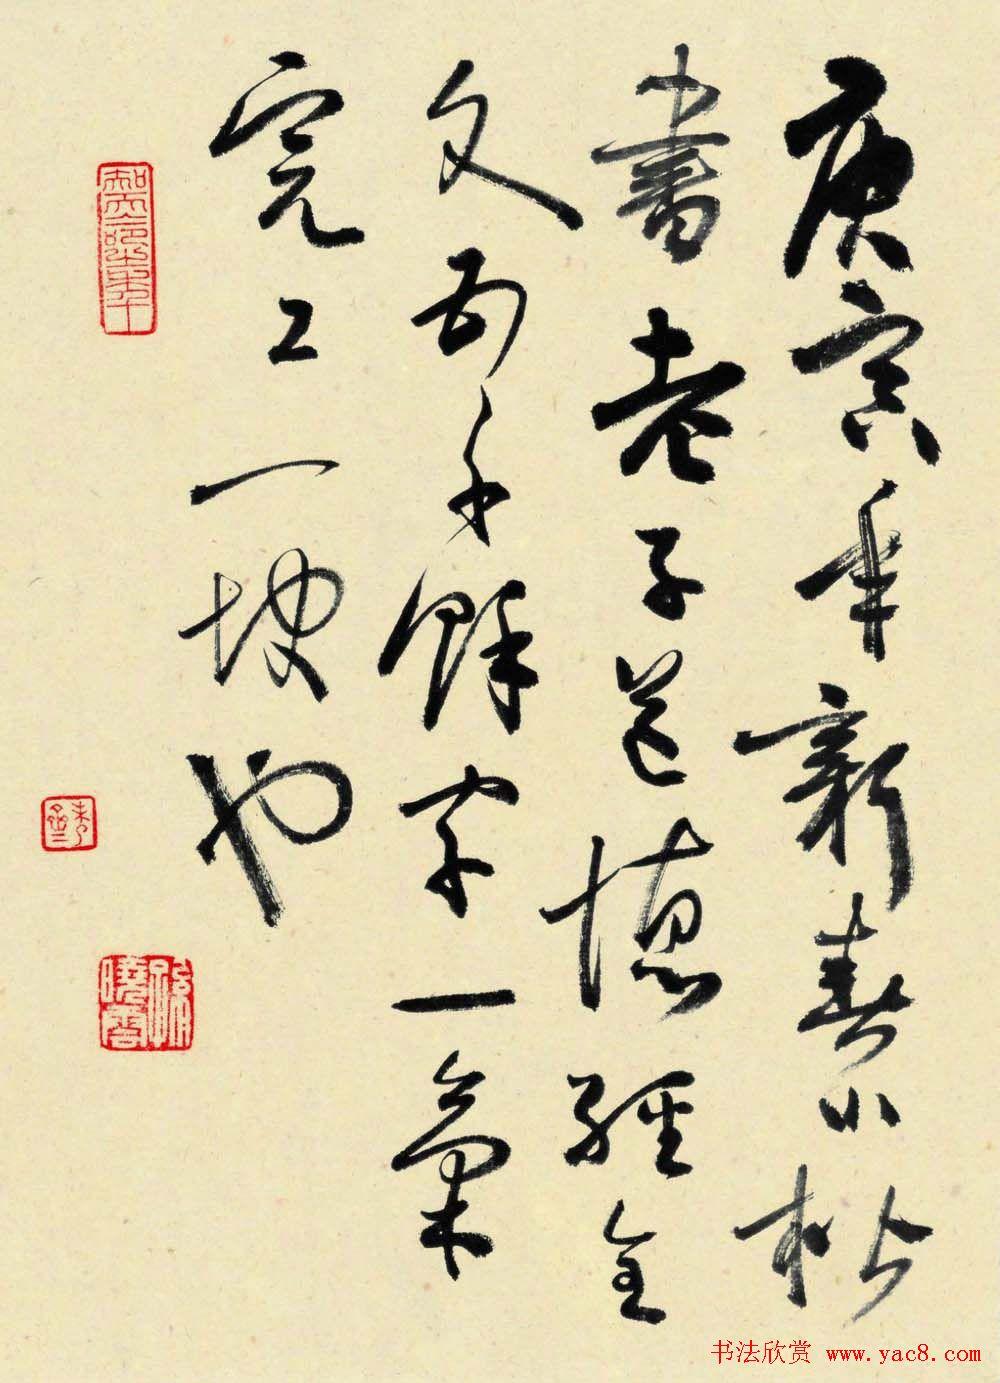 孙晓云书法作品展示专辑 第14页 毛笔书法 书法欣赏图片